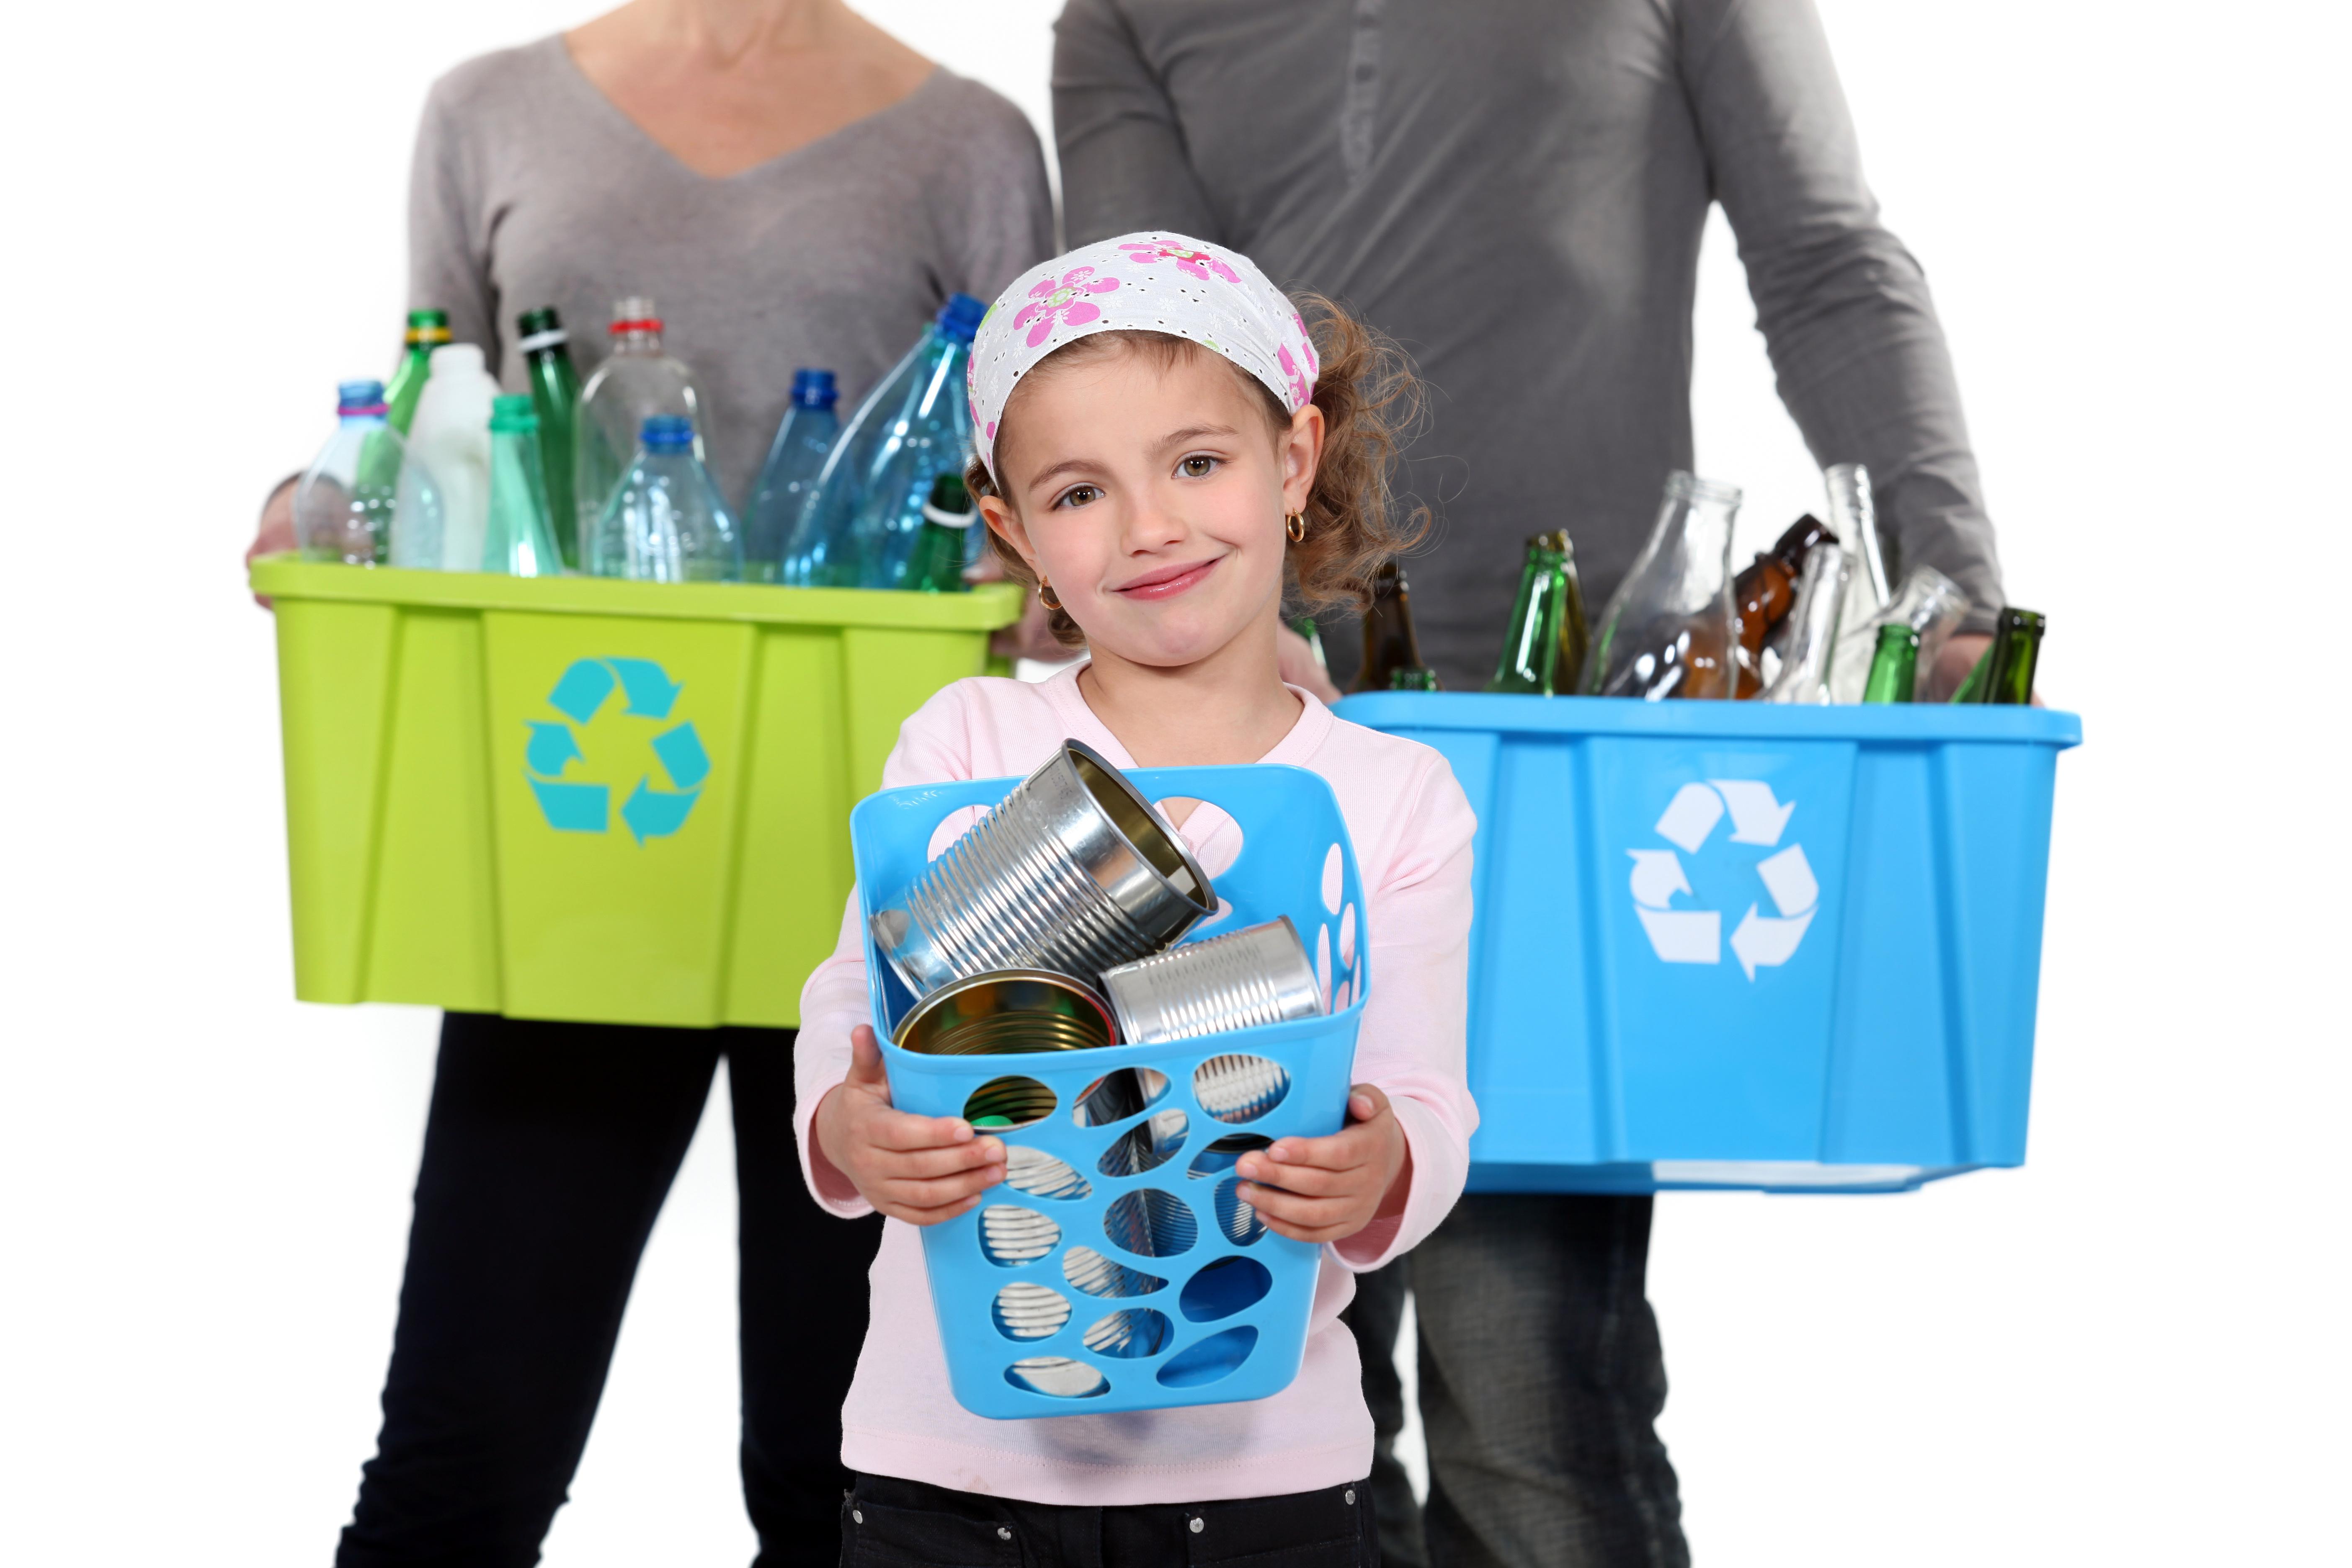 Ludzie trzymający kartony z materiałami poddanymi recyklingowi jako działanie zapobiegające powstawaniu zanieczyszczeń